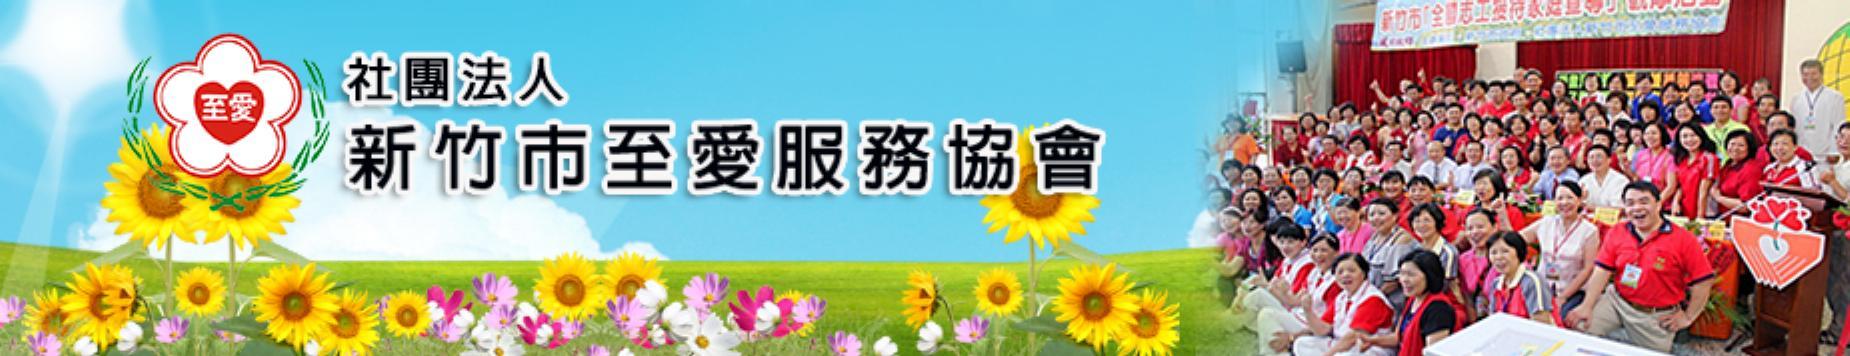 新竹至愛服務協會上方形象圖